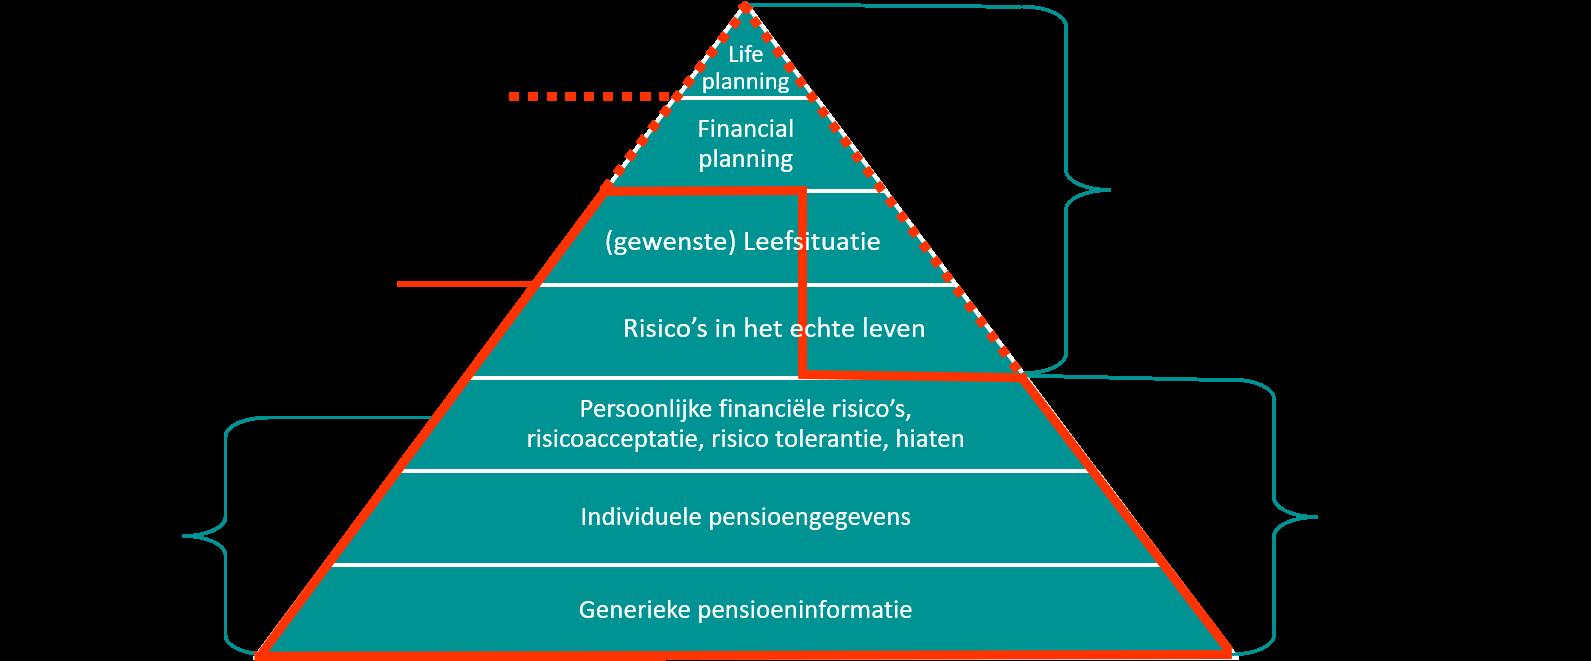 Persoonlijk pensioengesprek piramide